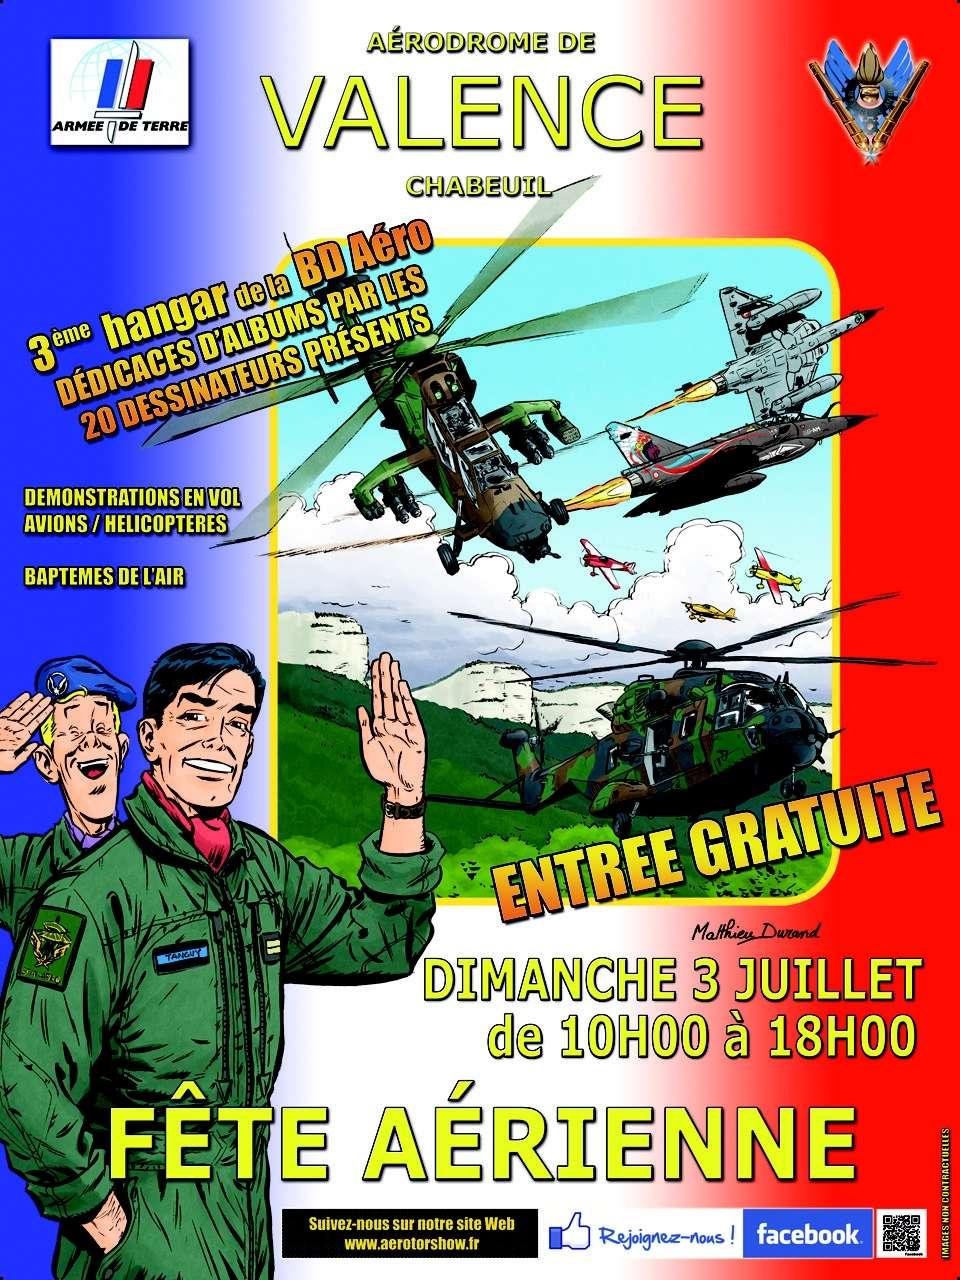 Fête Aerienne Gamstat 2016, Fête de l'Hélicoptère ALAT Valence, Meeting Aerien Valence 2016, Meeting Aerien 2016,Airshow 2016, French Airshow 2016